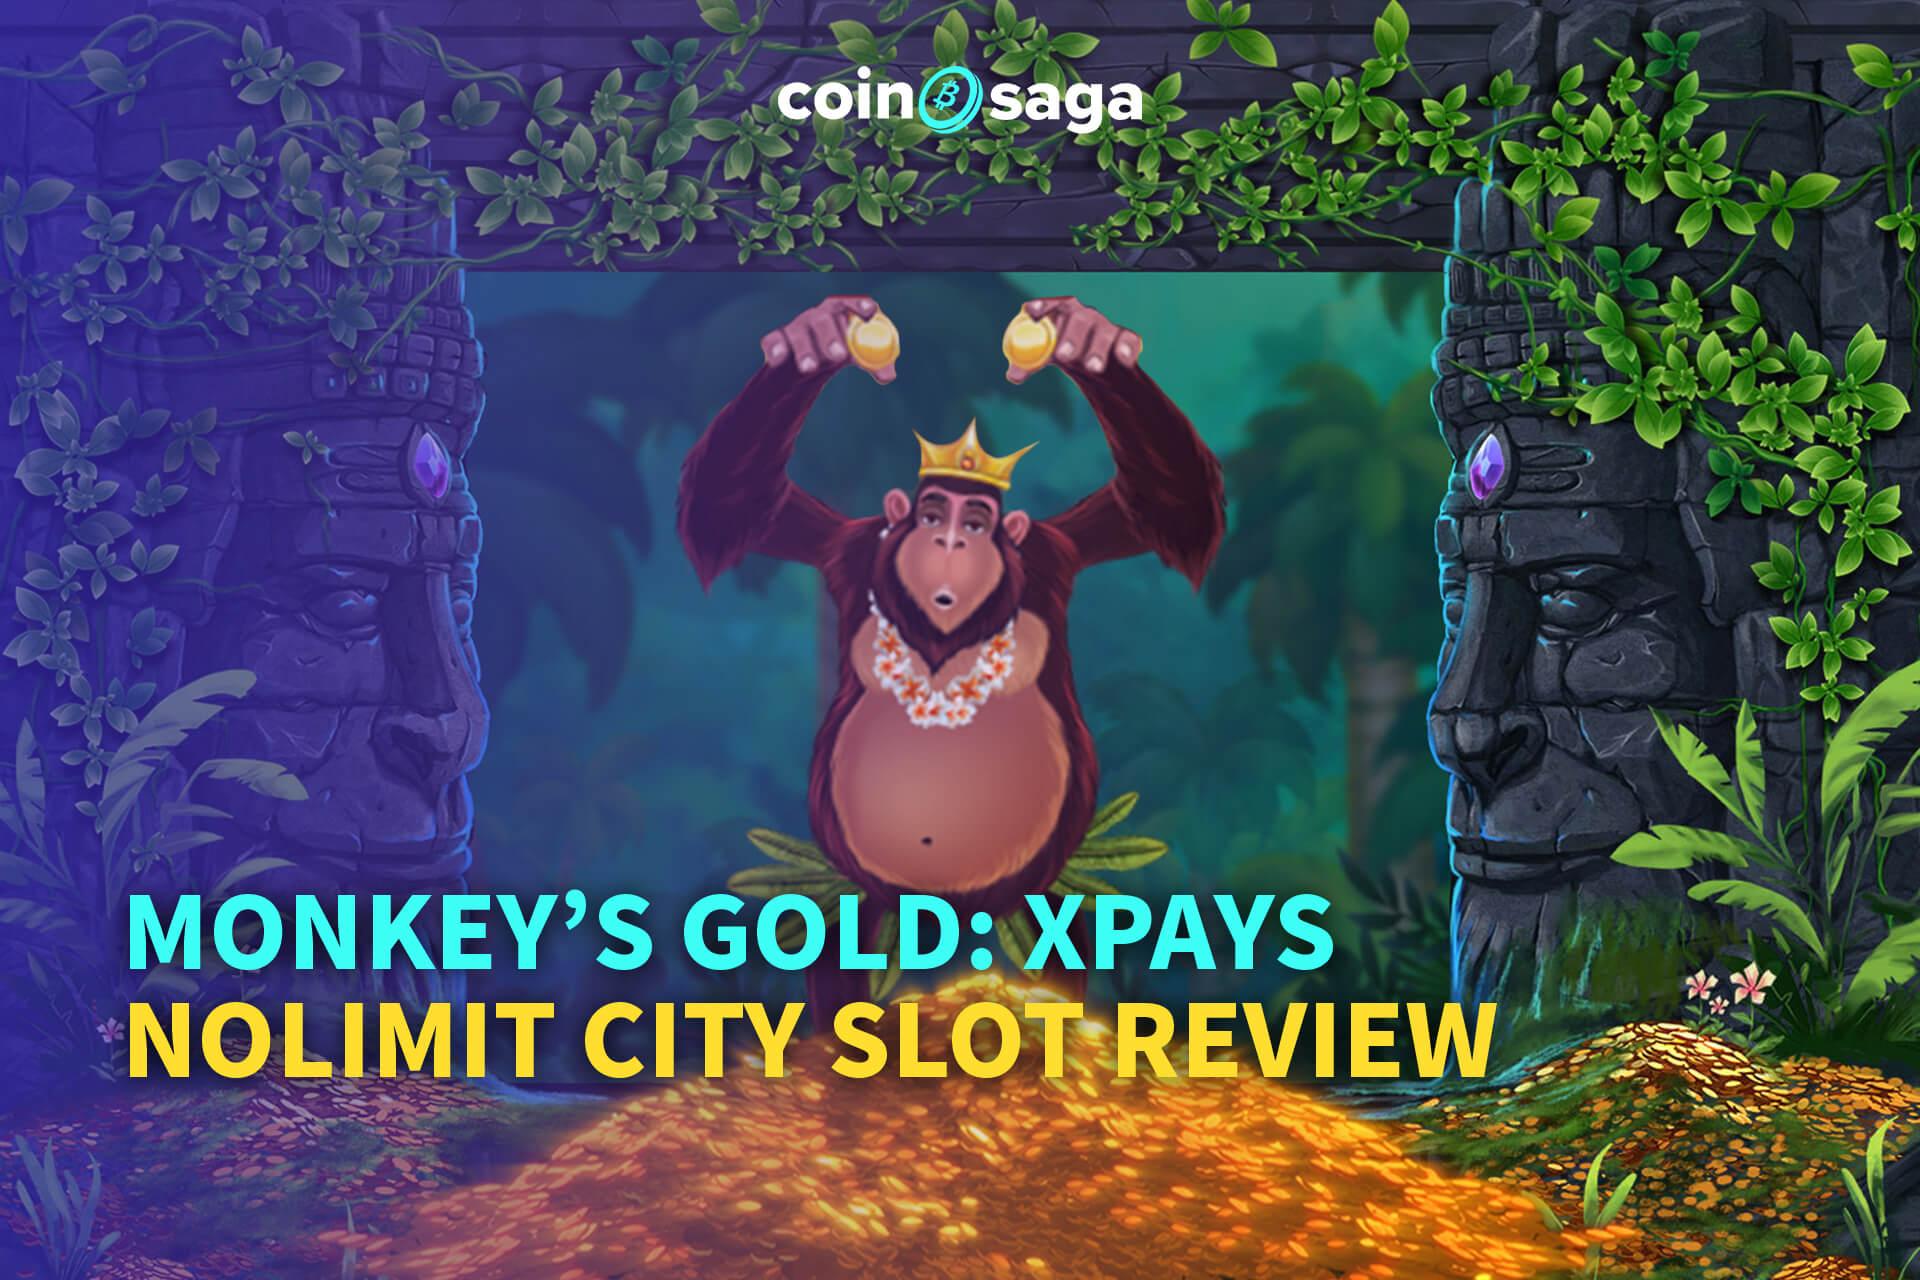 Mokey's Gold slot review